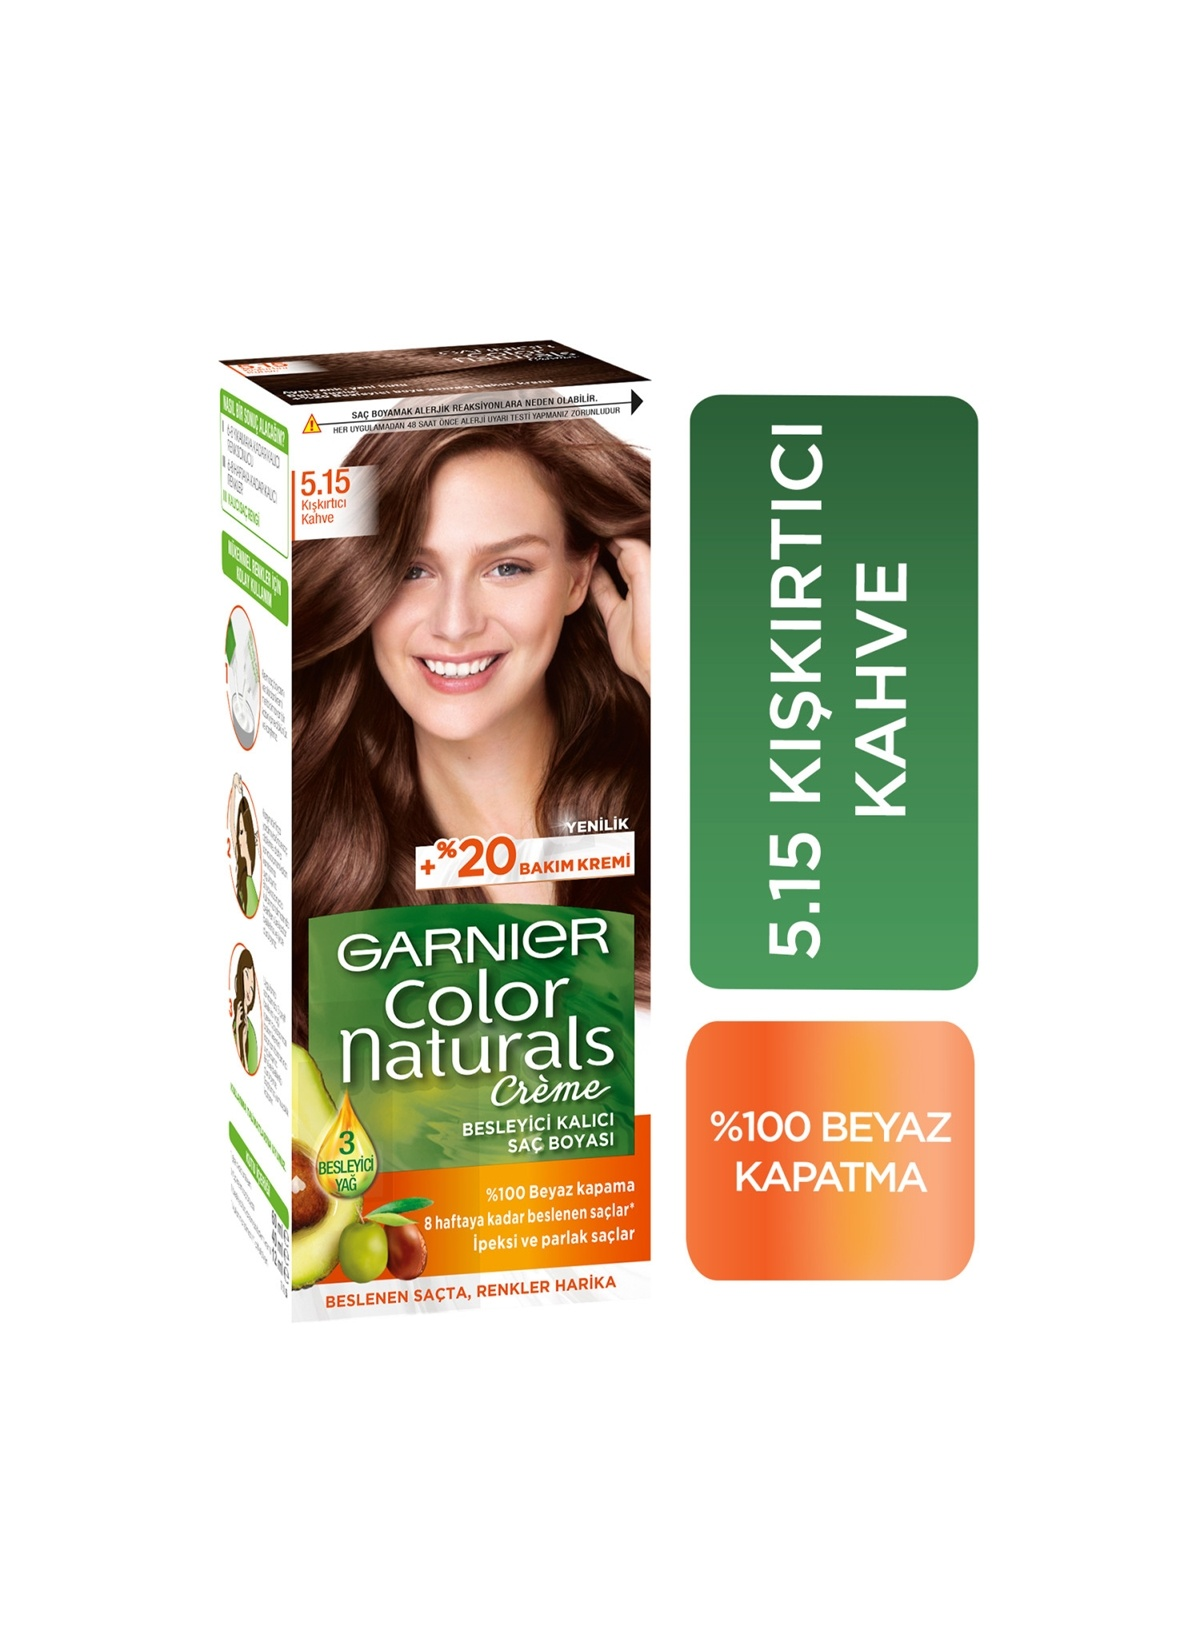 Garnier  Garnıer Color Naturals Saç Boyası 5.15 Kışkırtıcı Kahve Delist